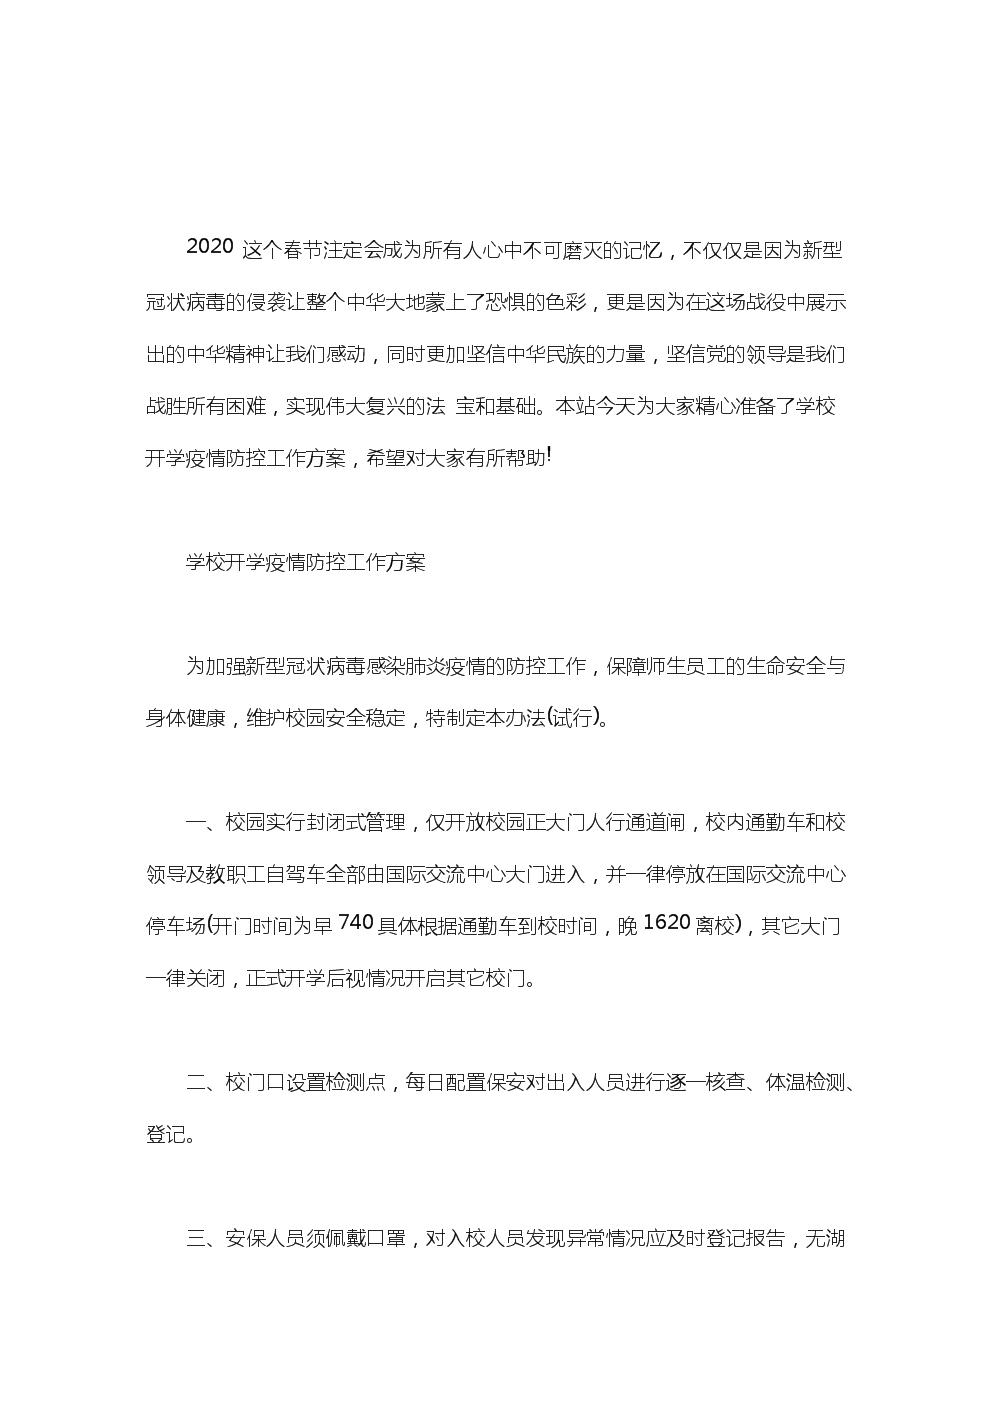 学校开学疫情防控工作方案3篇.doc